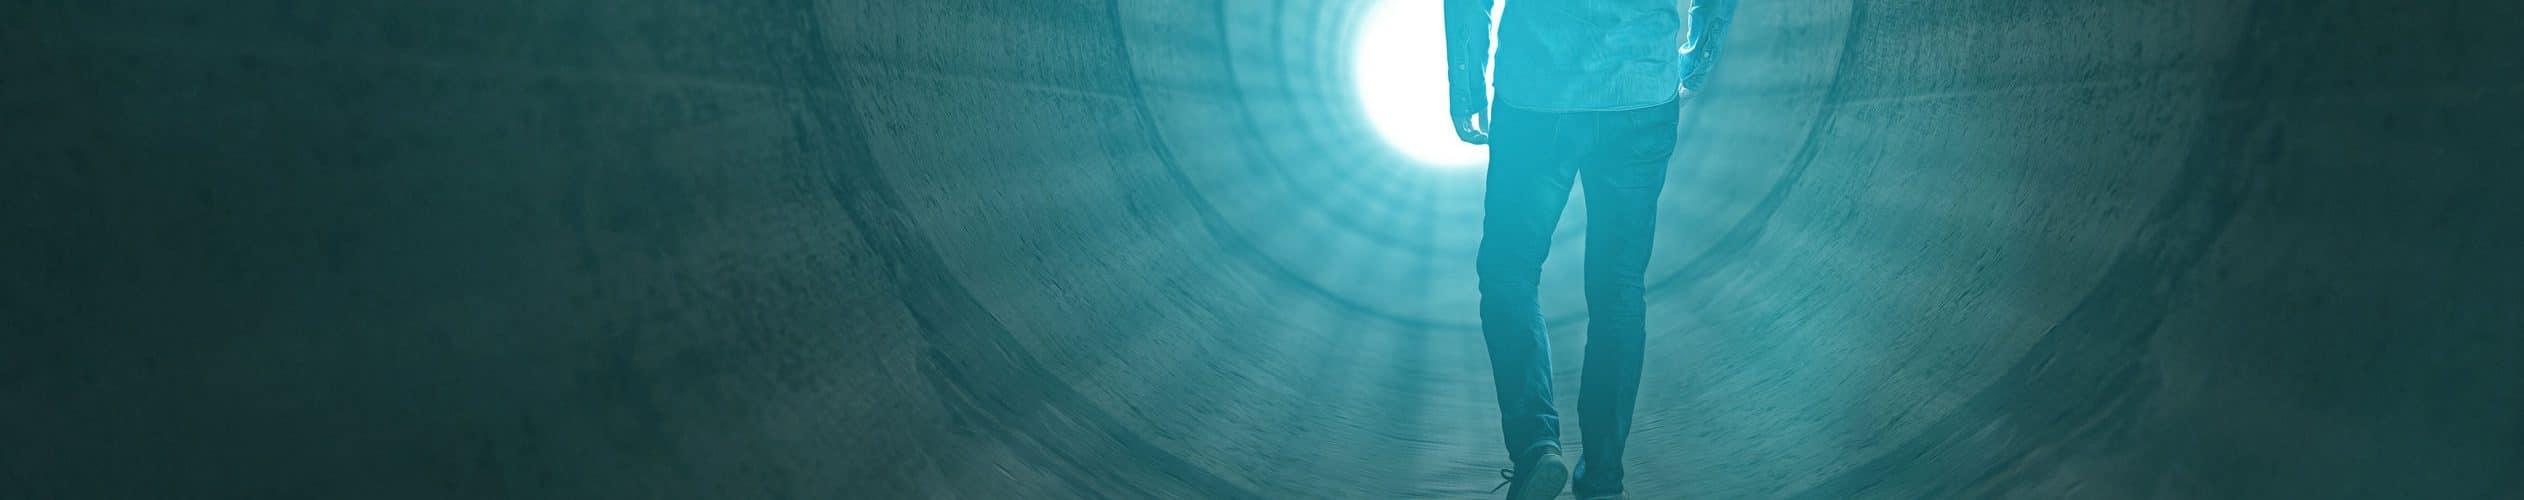 Homem caminhando para a luz no fim do túnel